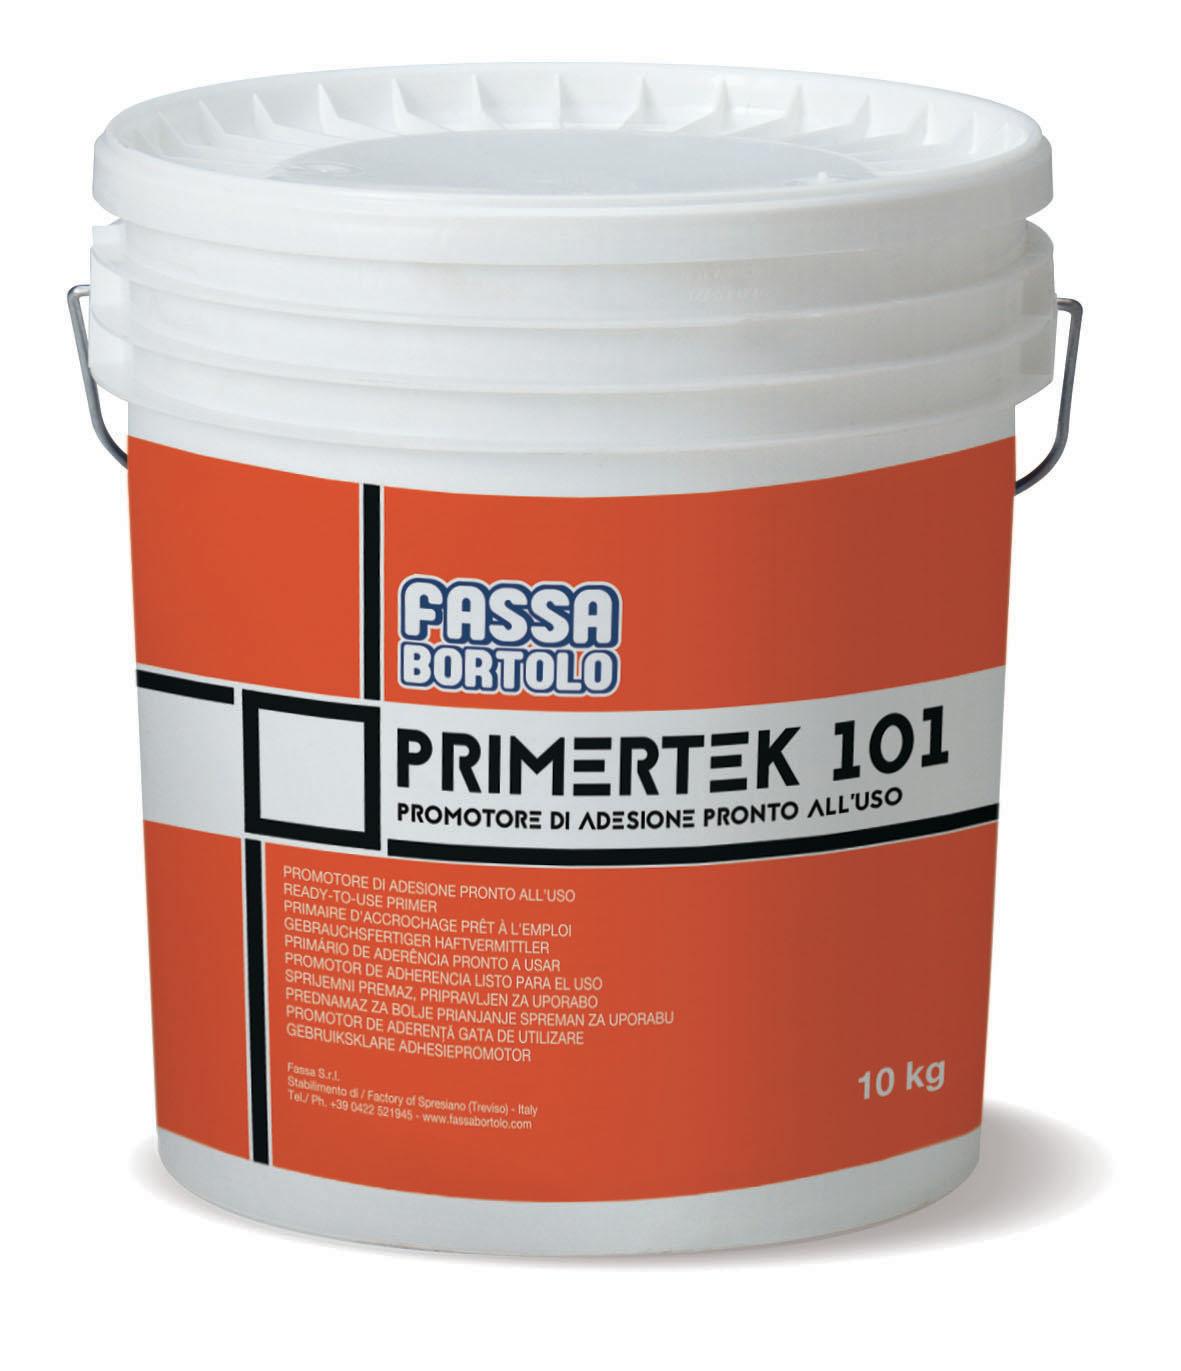 PRIMERTEK 101